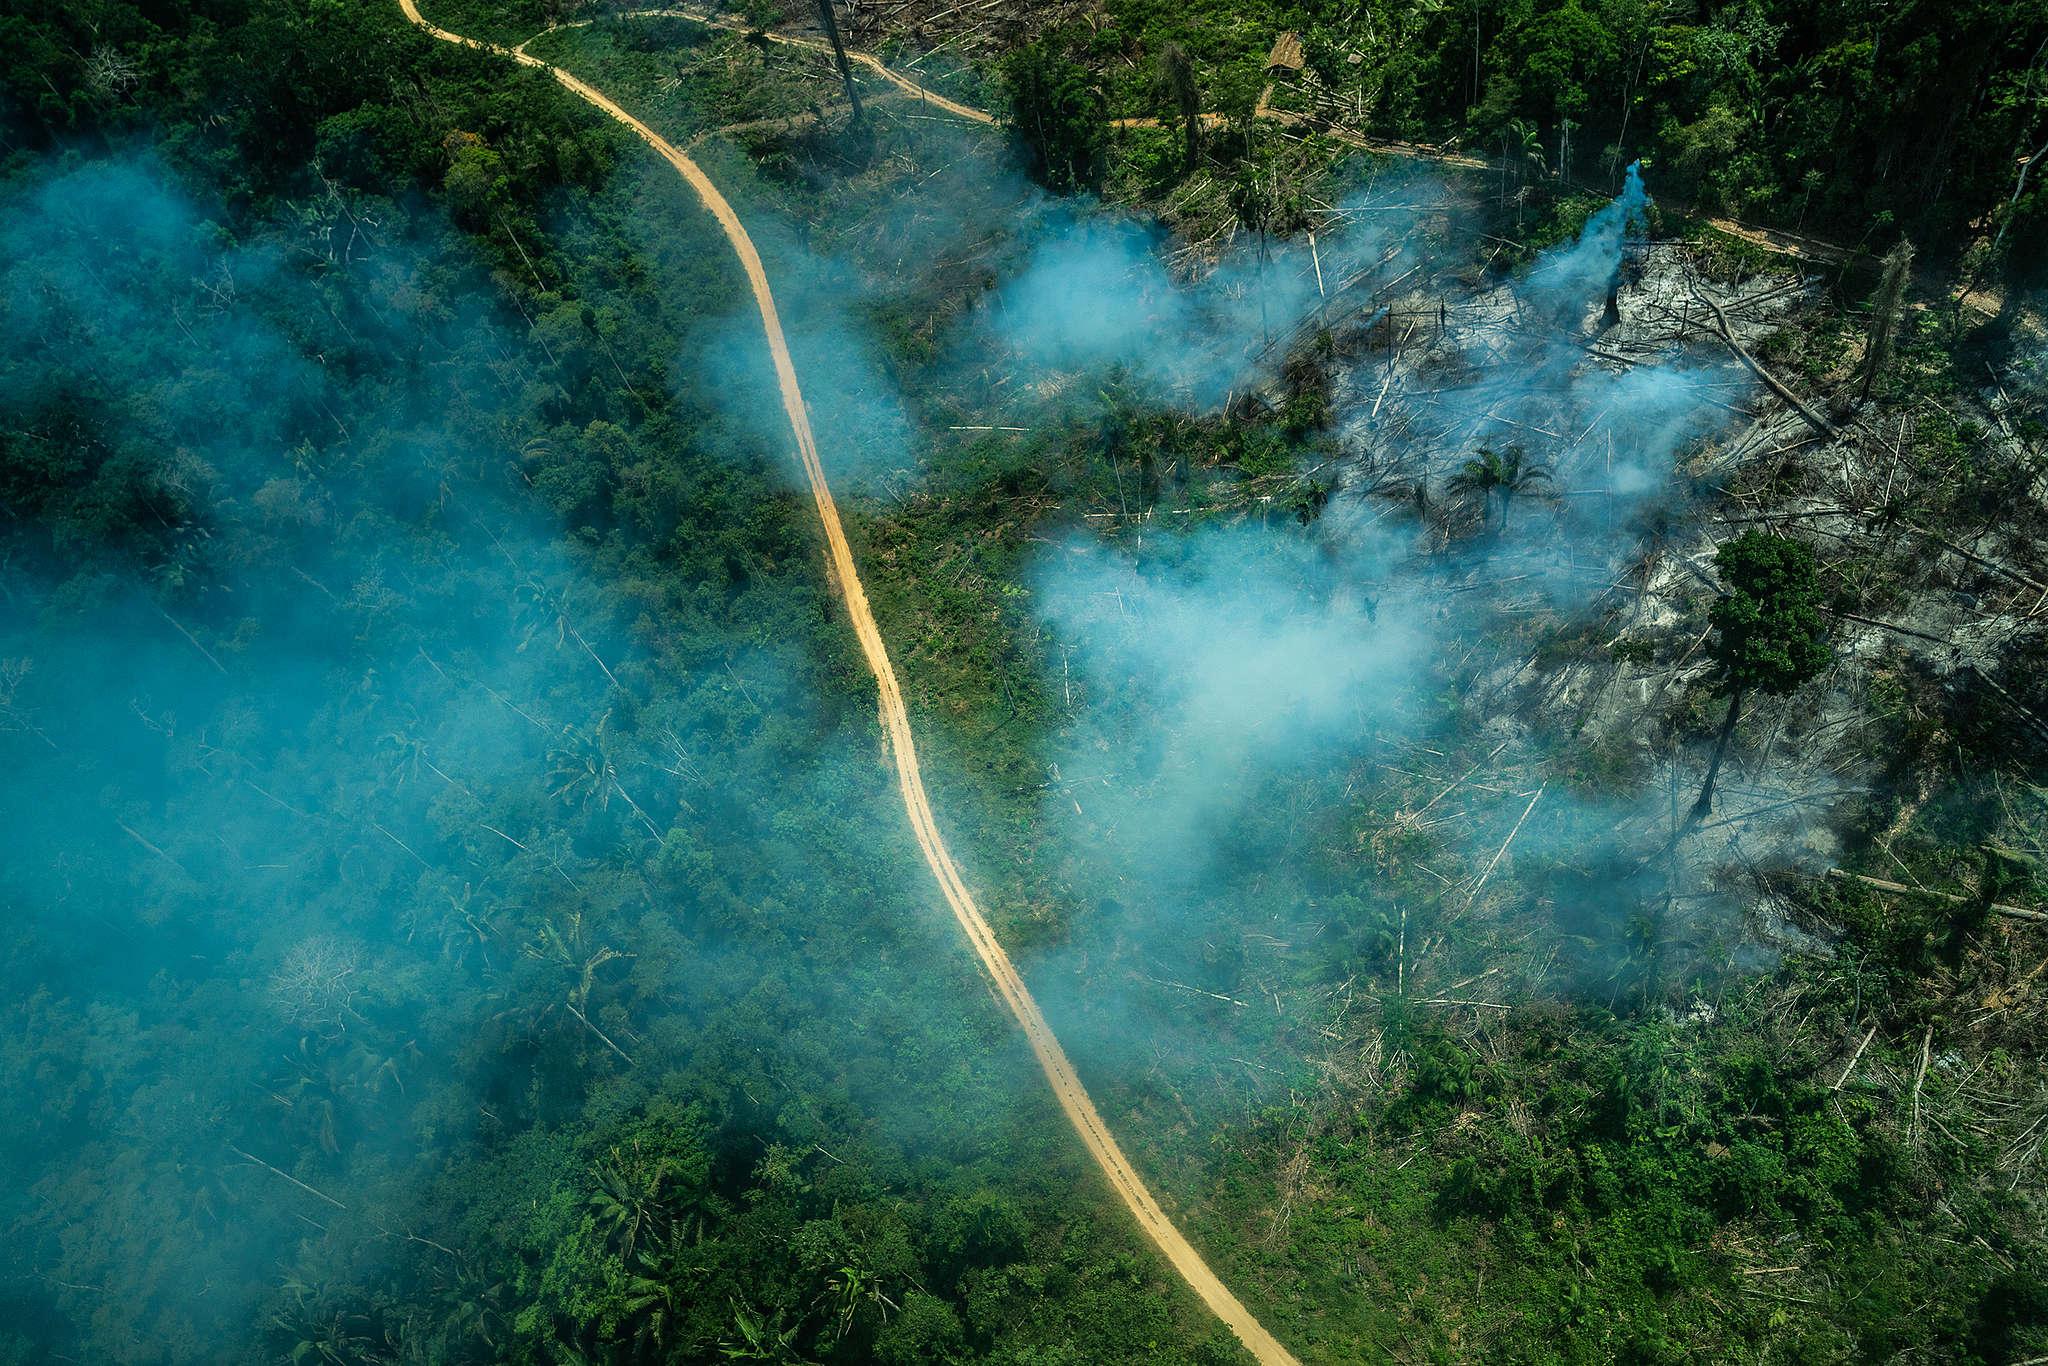 Sobrevoo realizado na Terra Indígena Ituna-Itatá em setembro de 2019, na época de queimadas. © Fábio Nascimento / Greenpeace